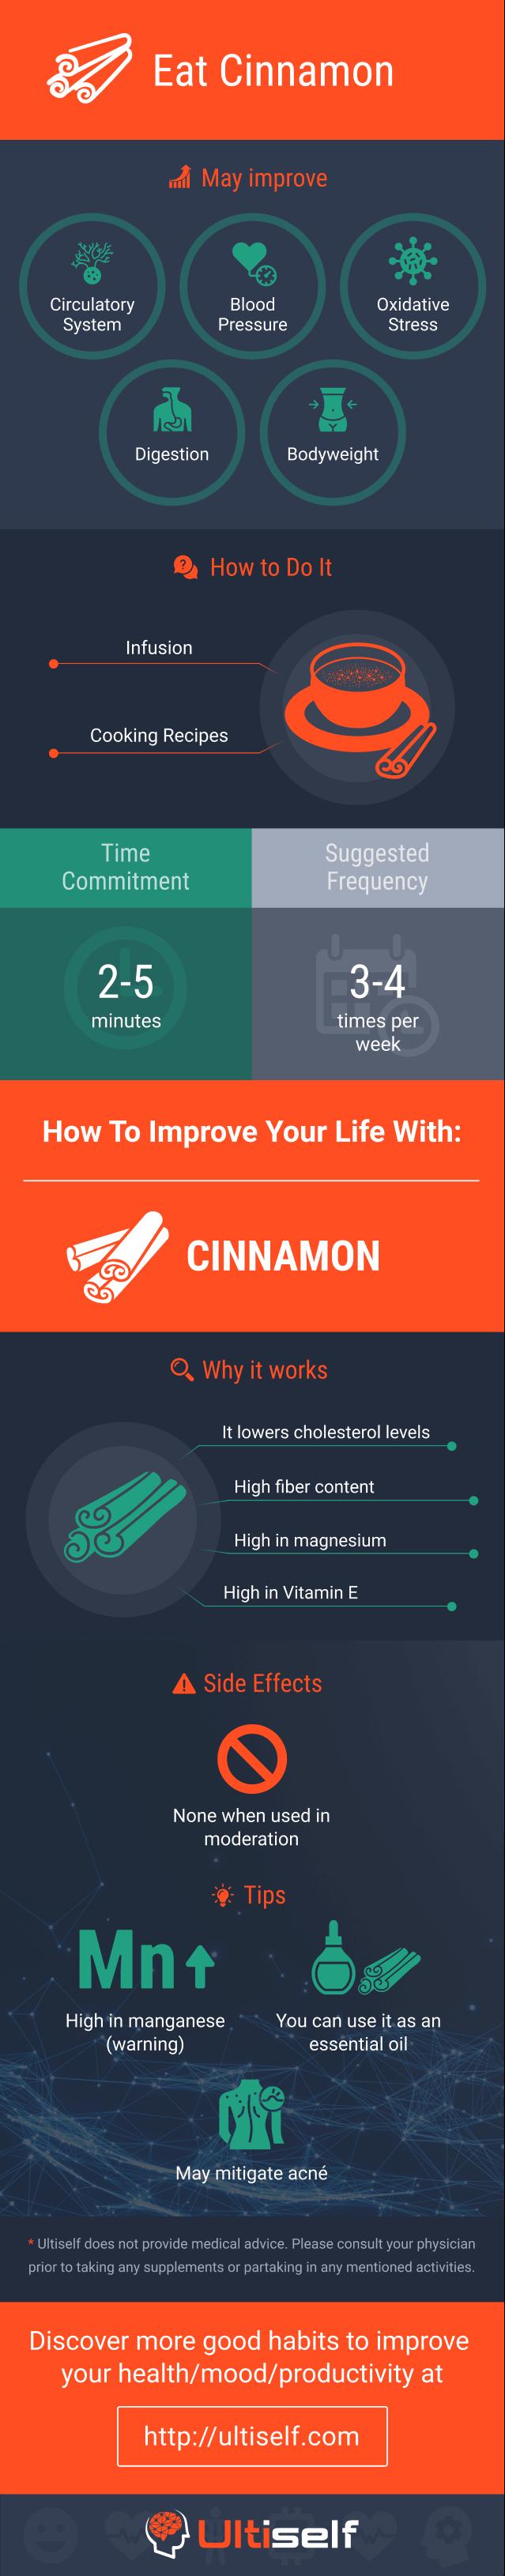 Eat Cinnamon infographic